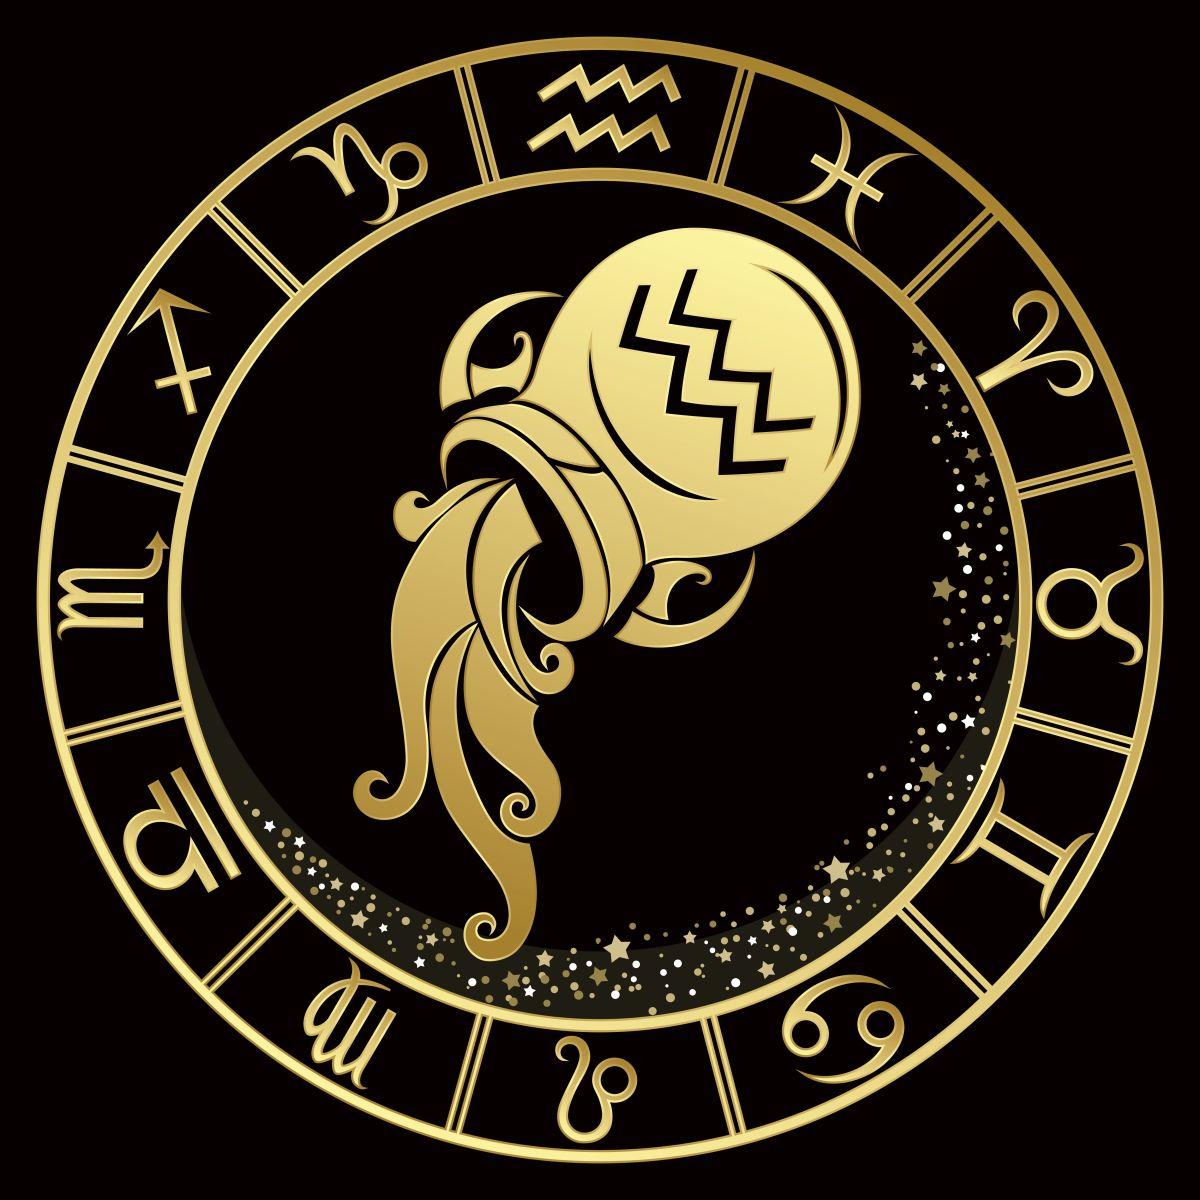 Horóscopo: Qué le espera al signo de Acuario en este mes de Enero de 2020